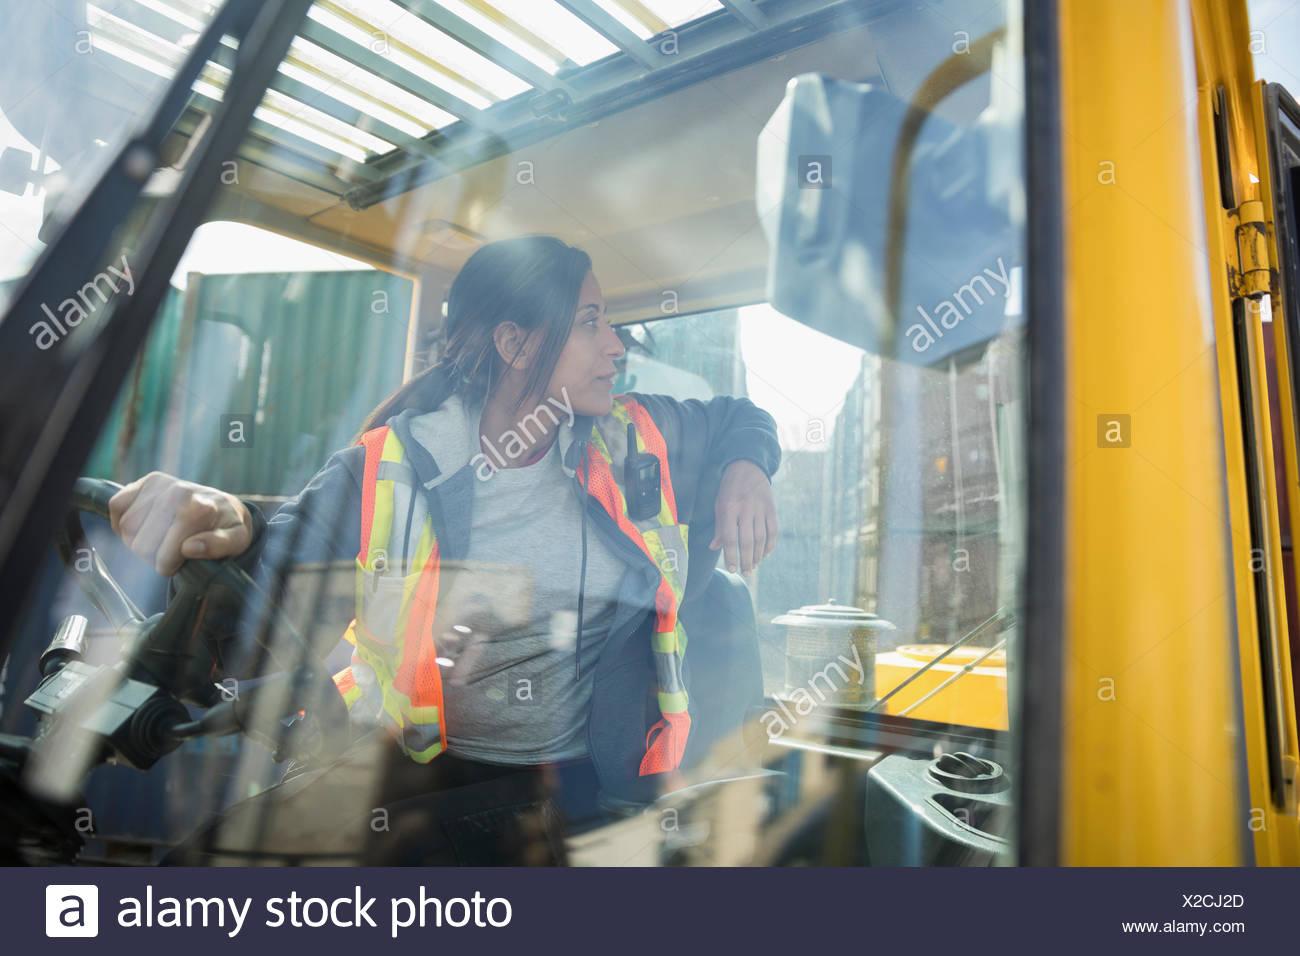 Conductor de carretilla elevadora femenino dentro de carretillas industriales en contenedores Imagen De Stock